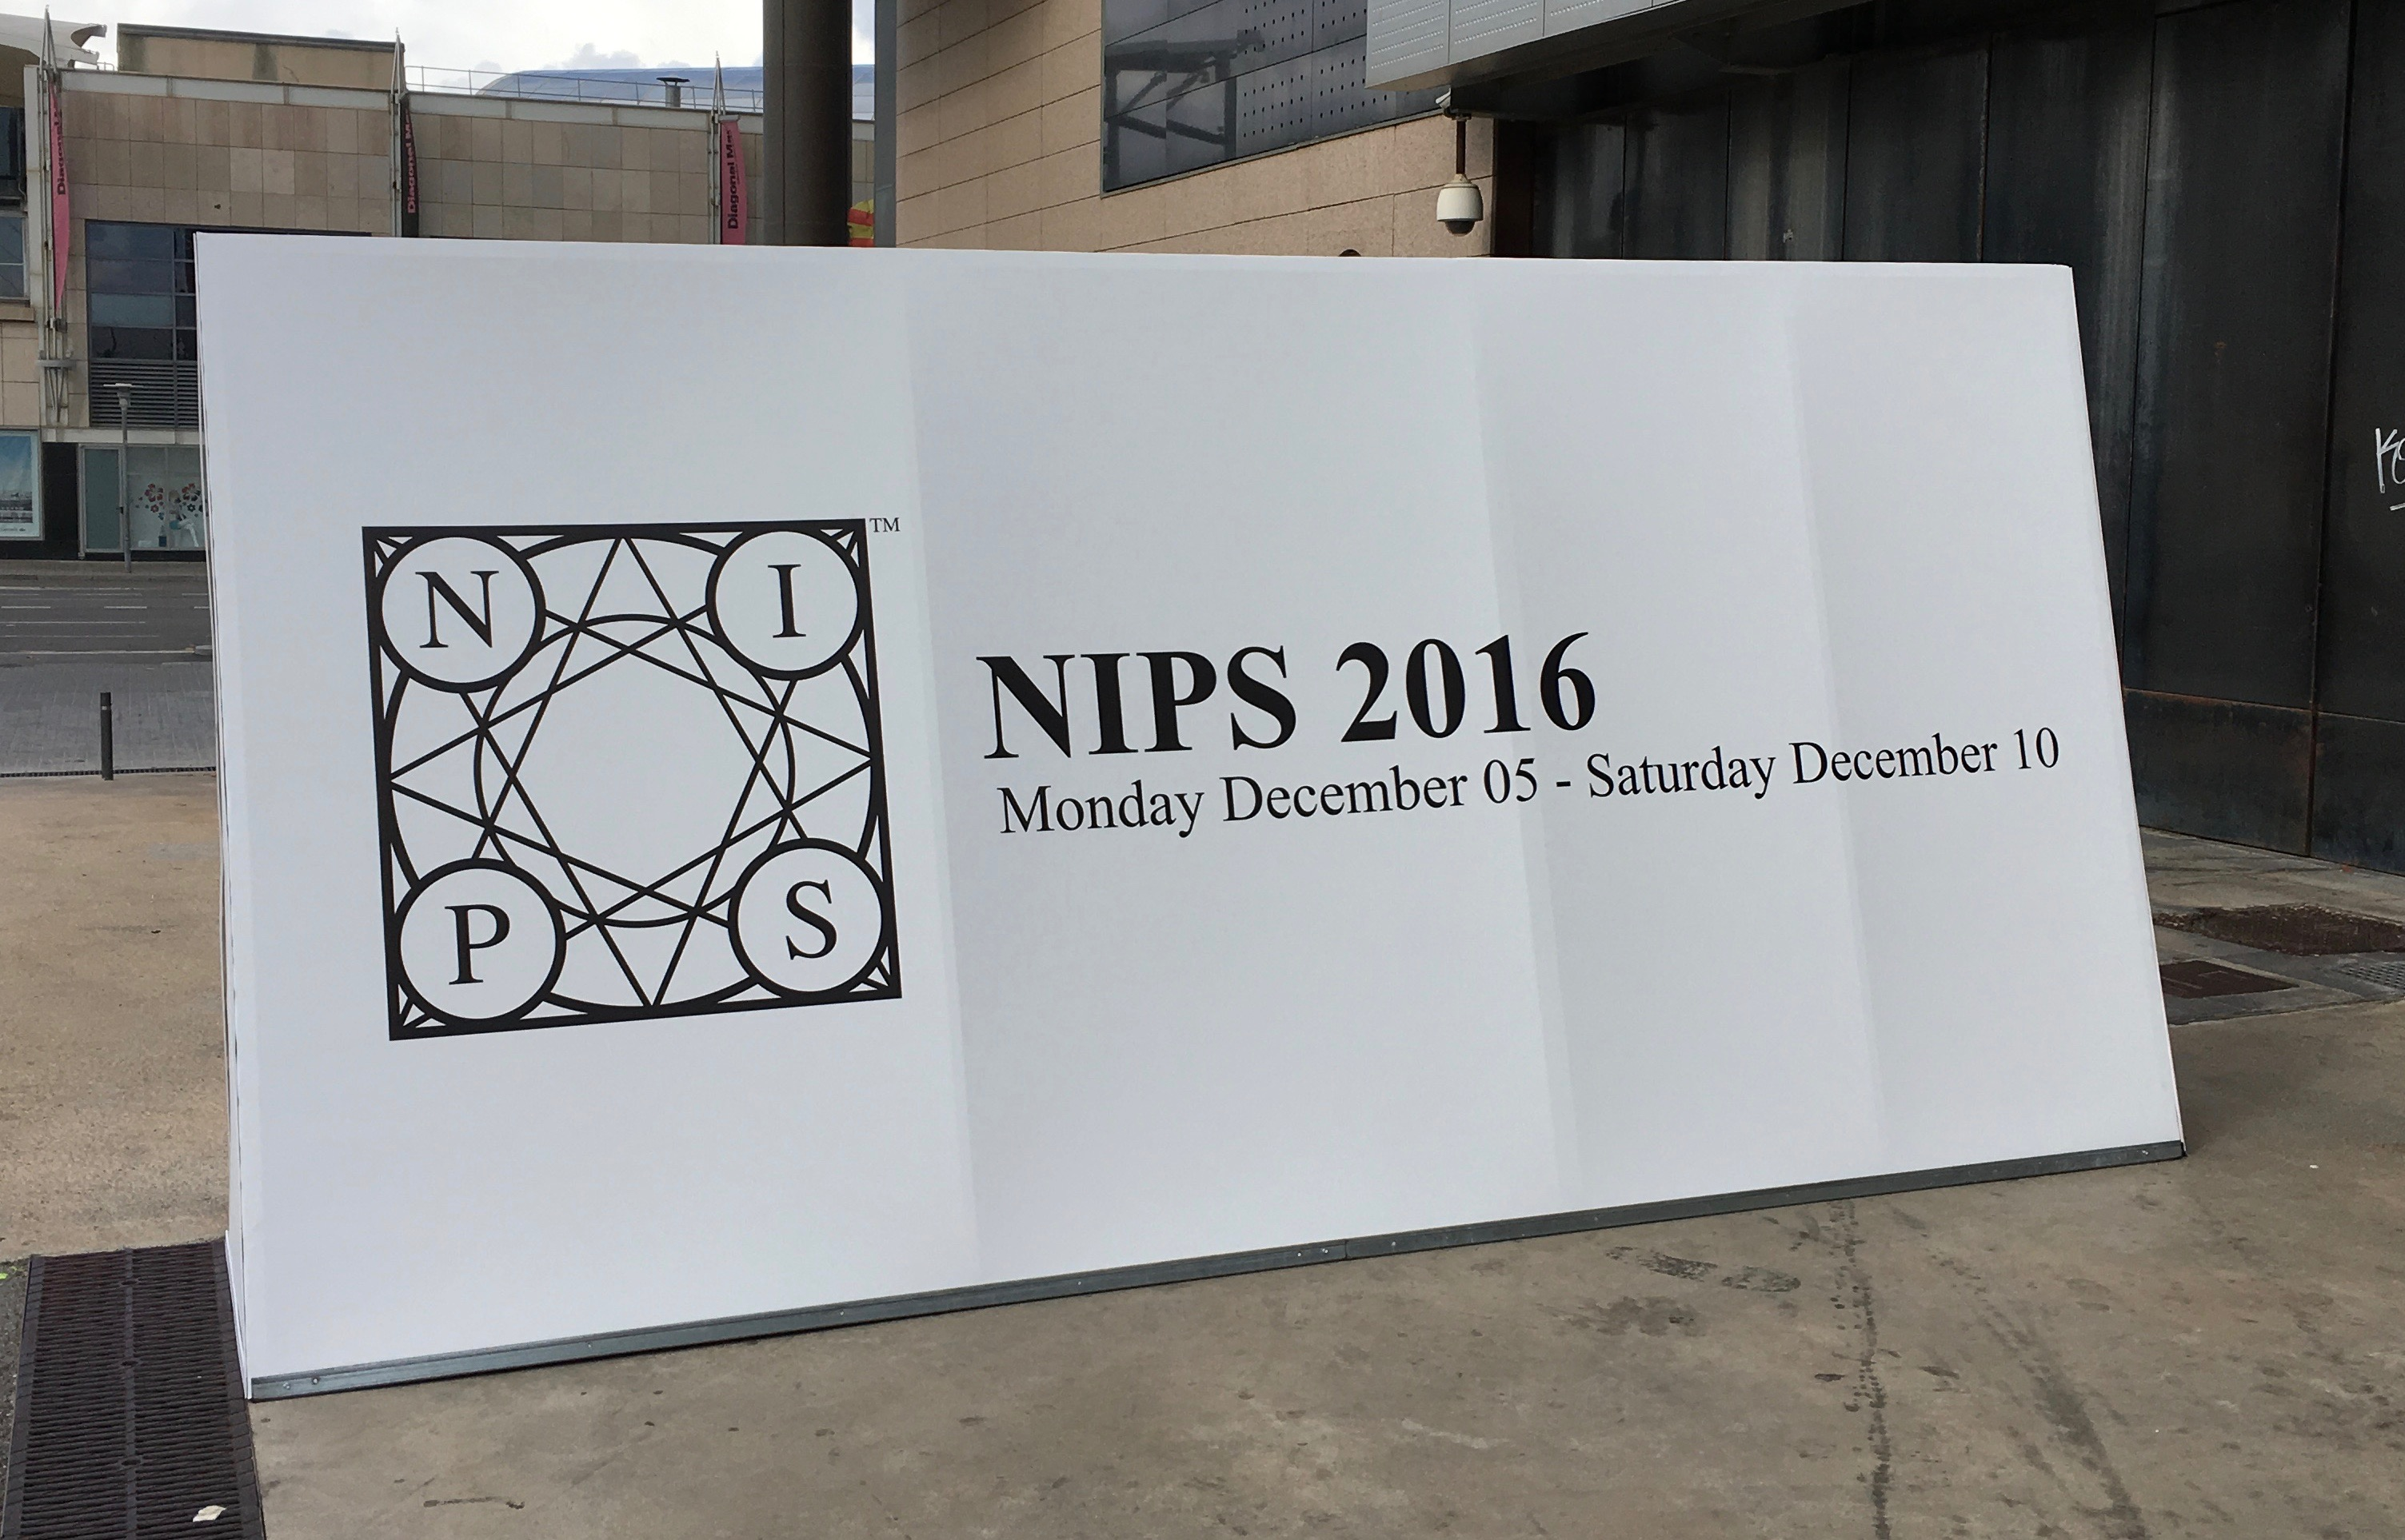 nips2016